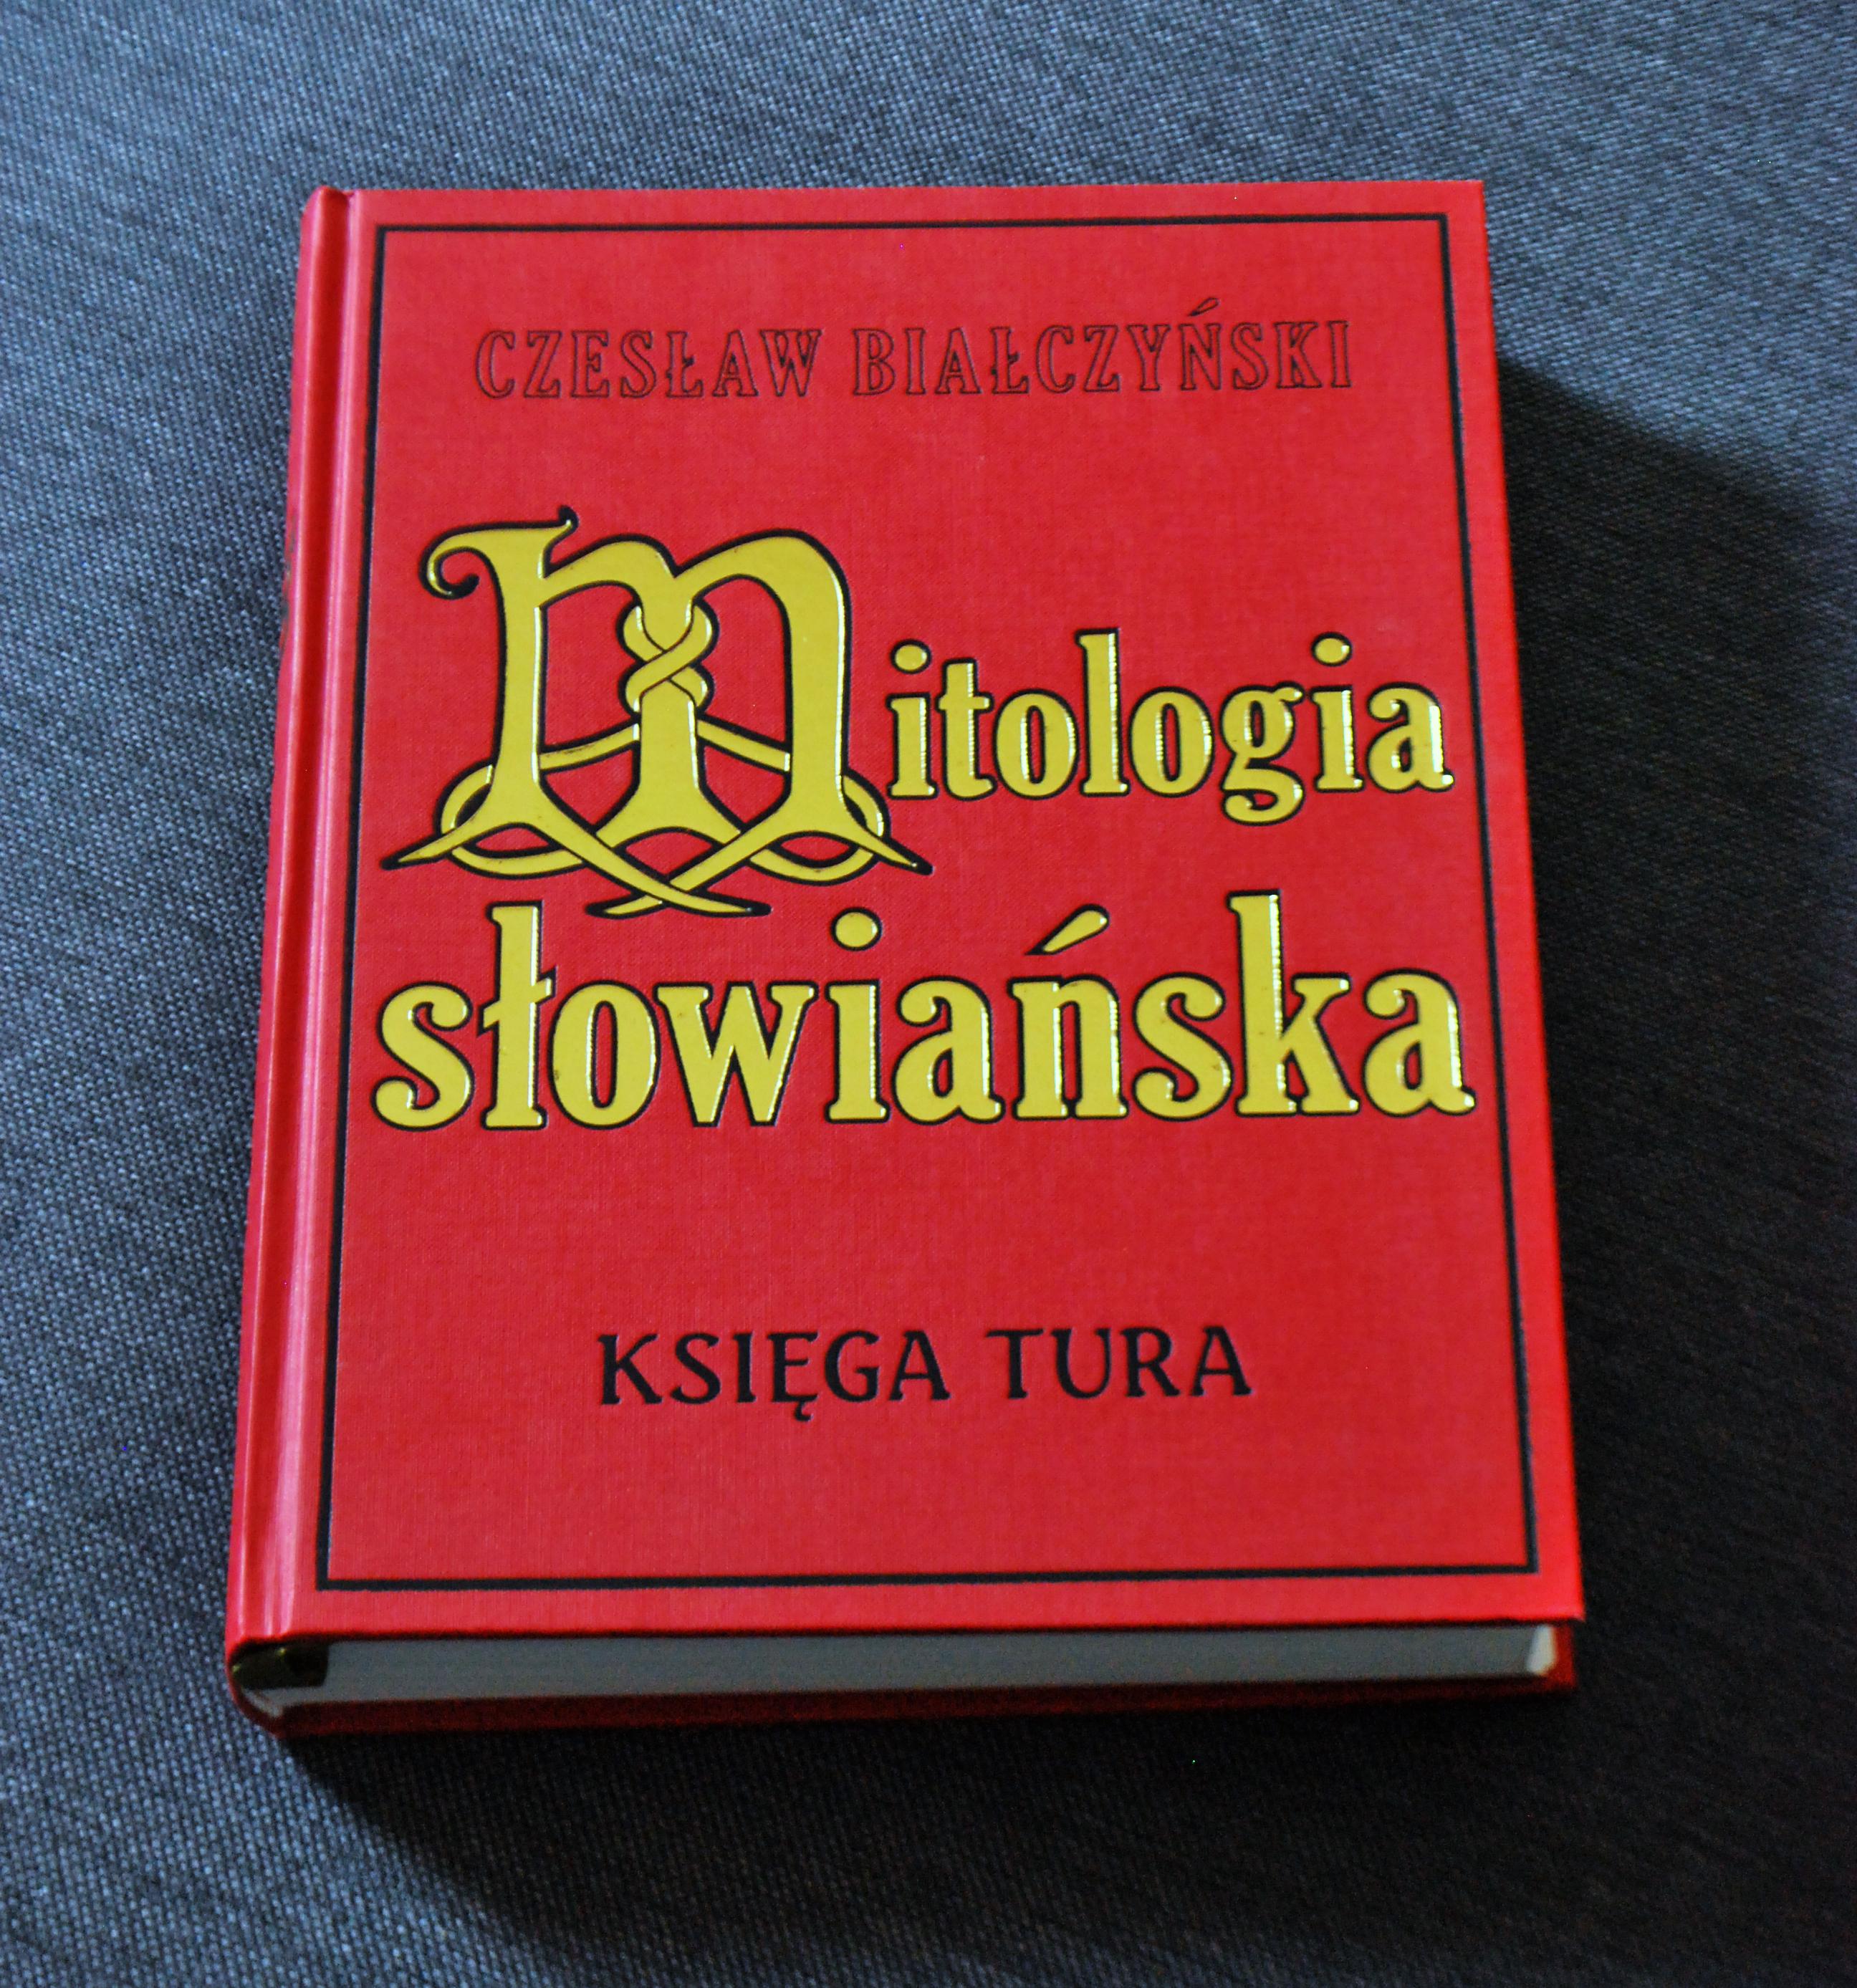 marcin-oczkowski-okiart-bialczynski-mitologia-slowianska13